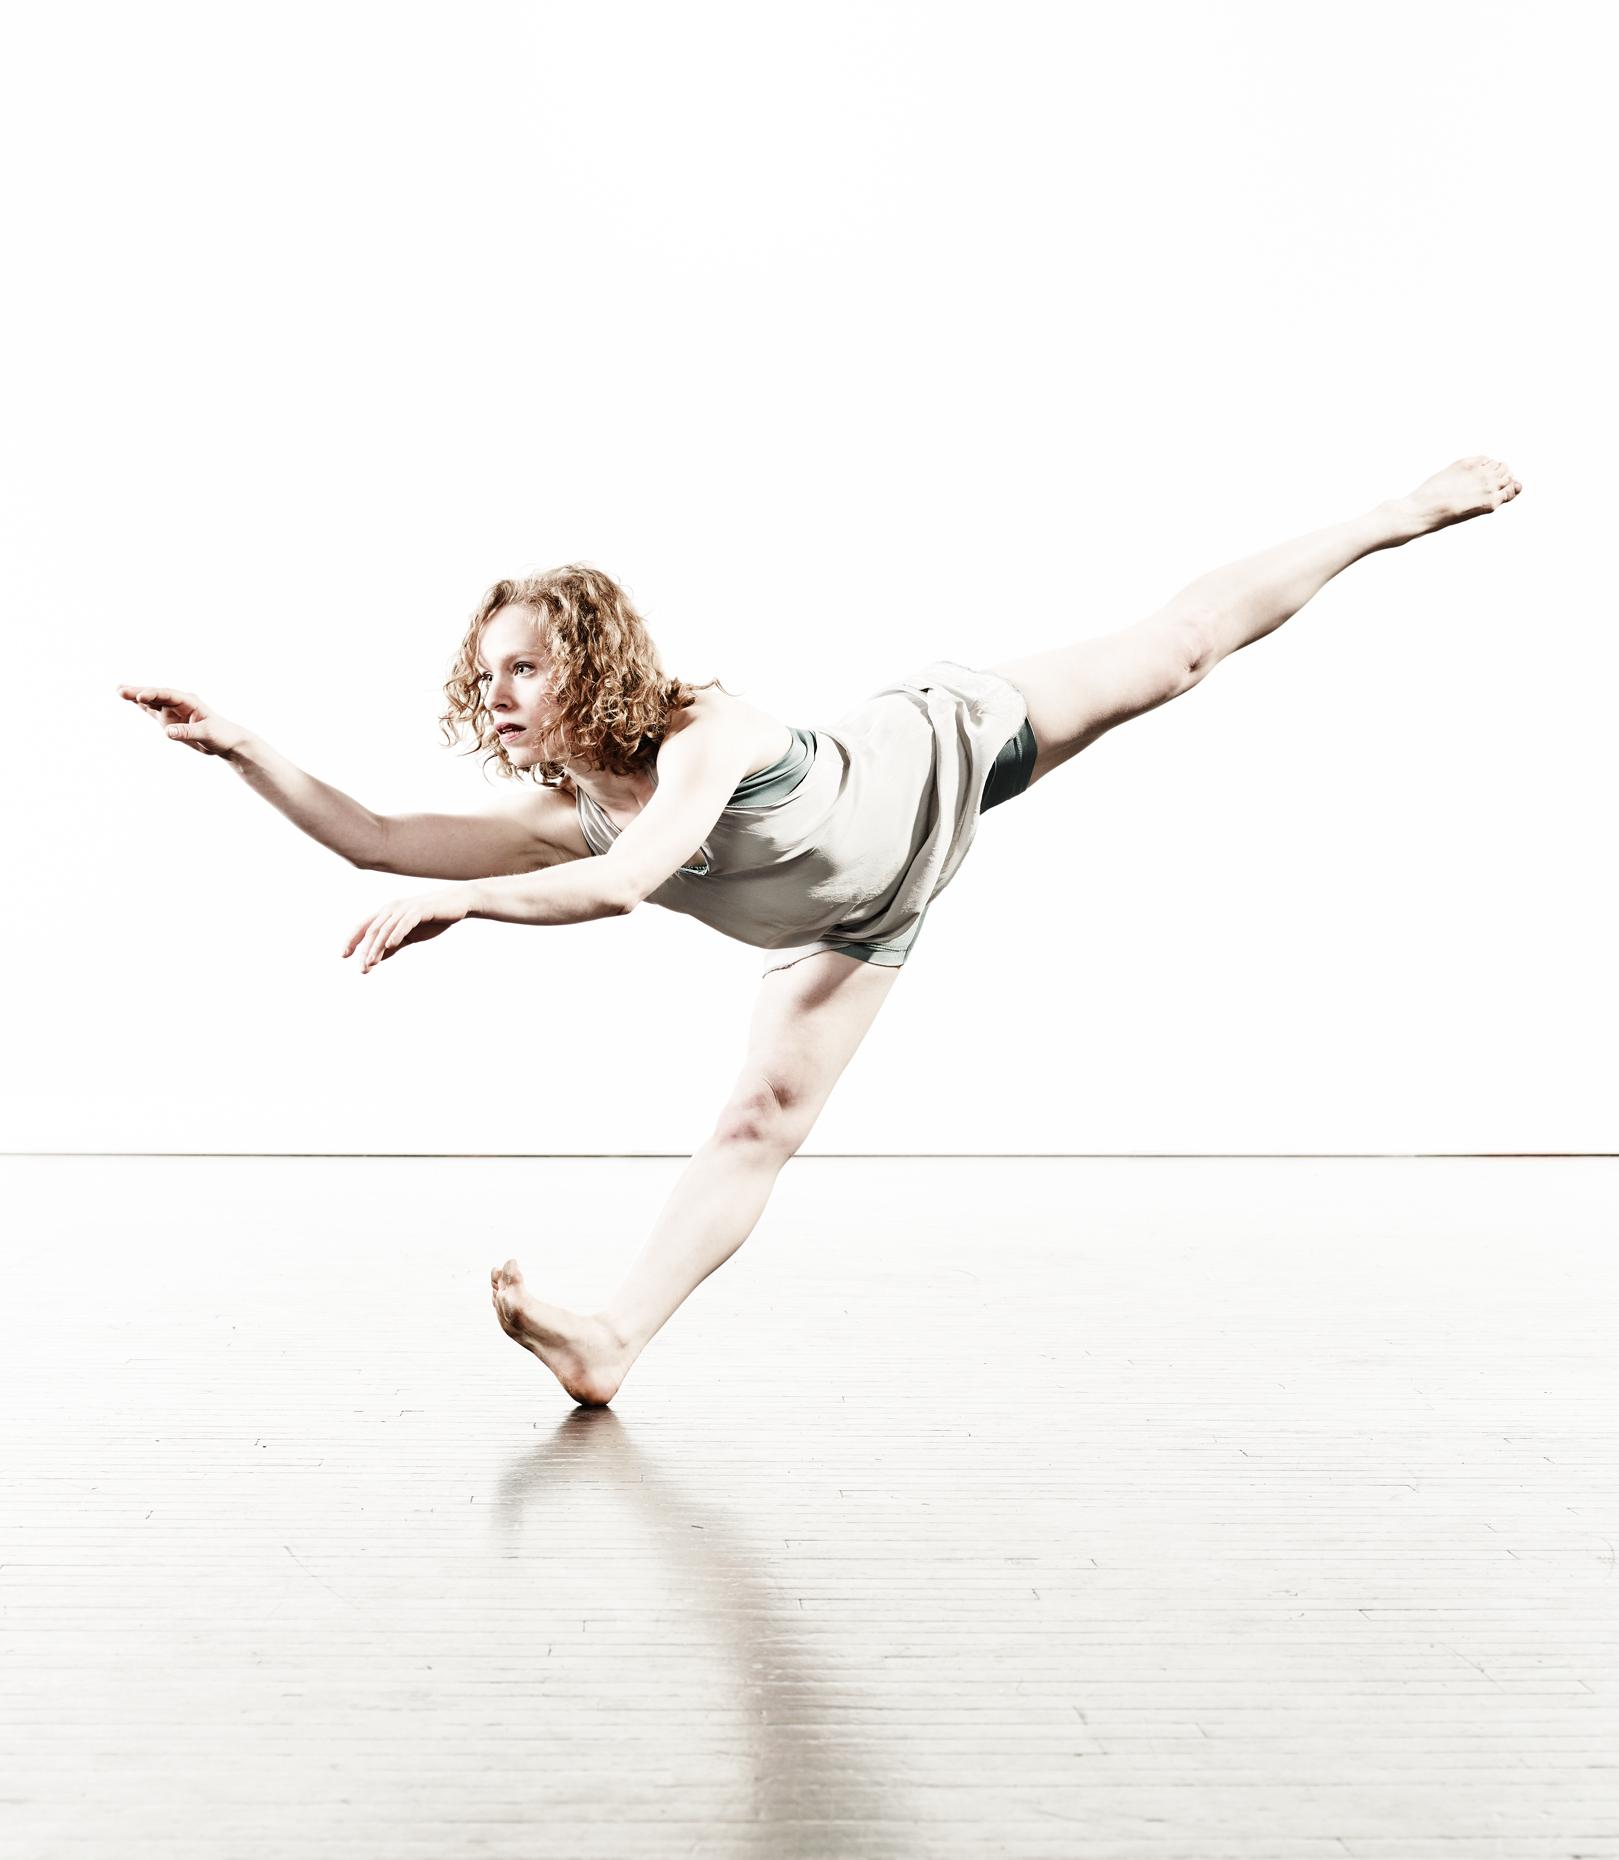 Ririe-Woodbury Derek Israelsen 013 Female Dancer Reaching